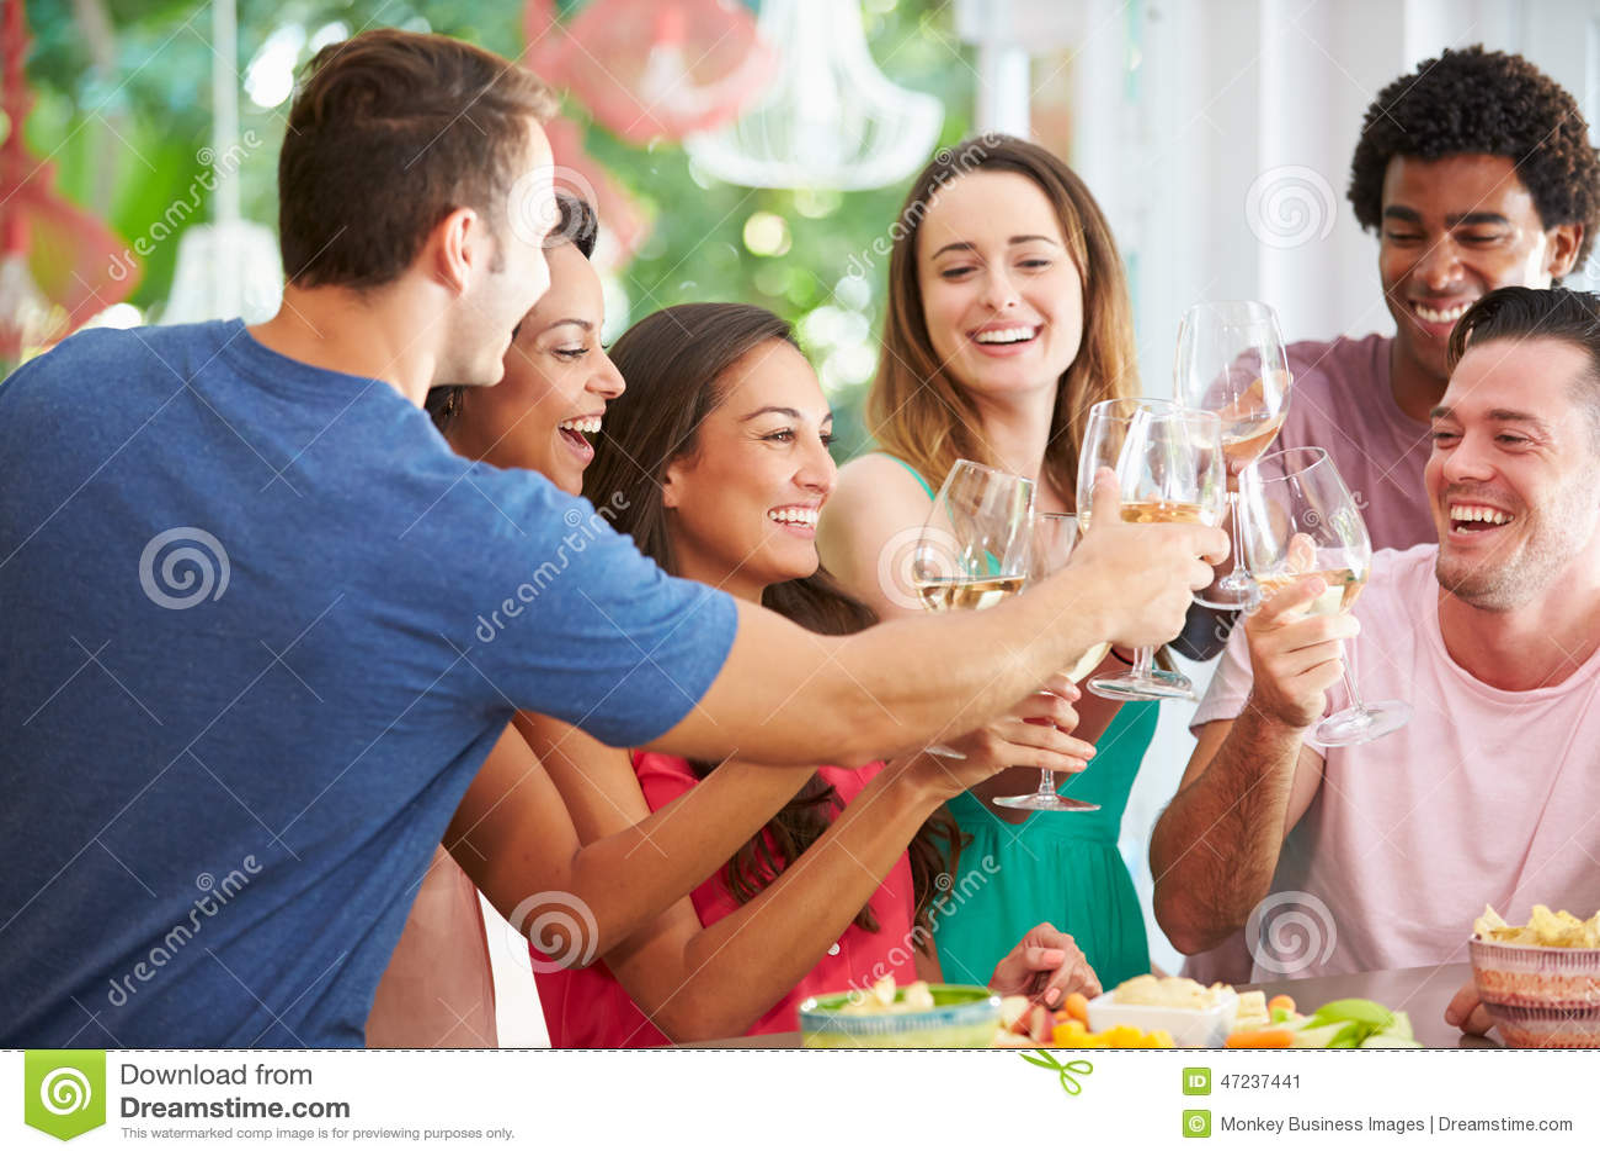 Grupa przyjaciele Cieszy się napoje Bawi się W Domu